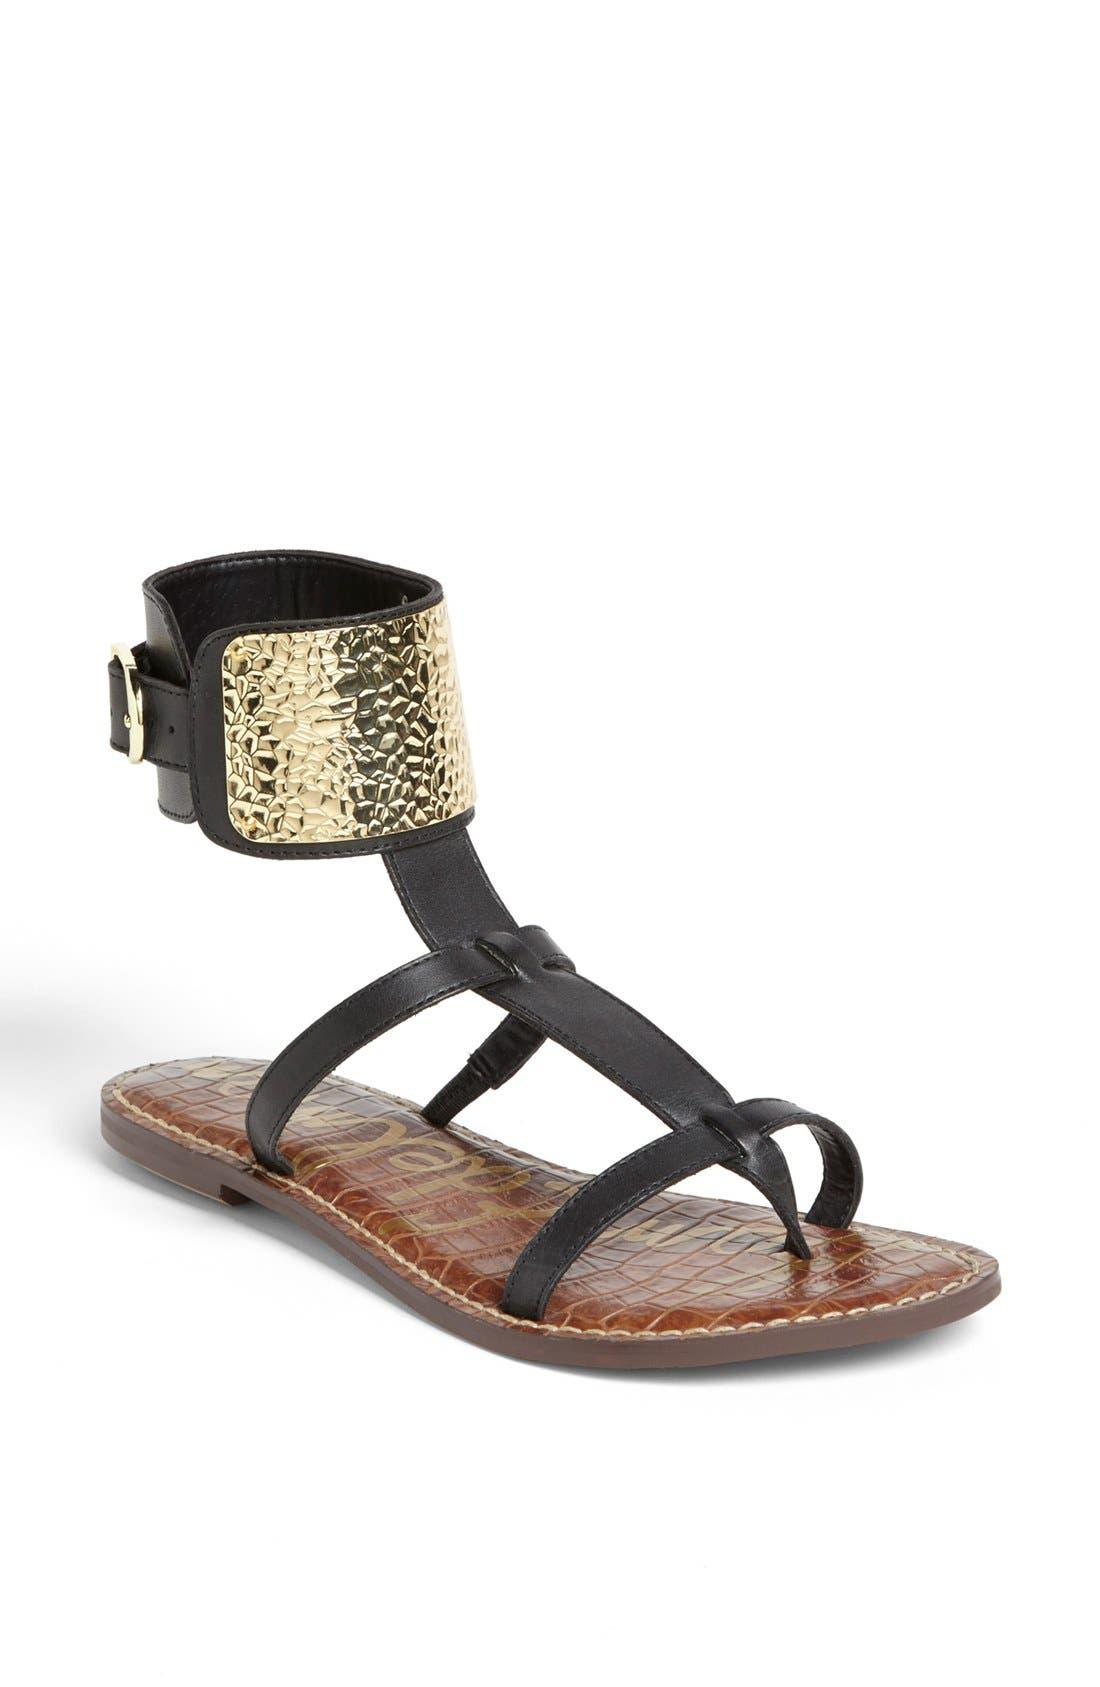 Main Image - Sam Edelman 'Genette' Sandal